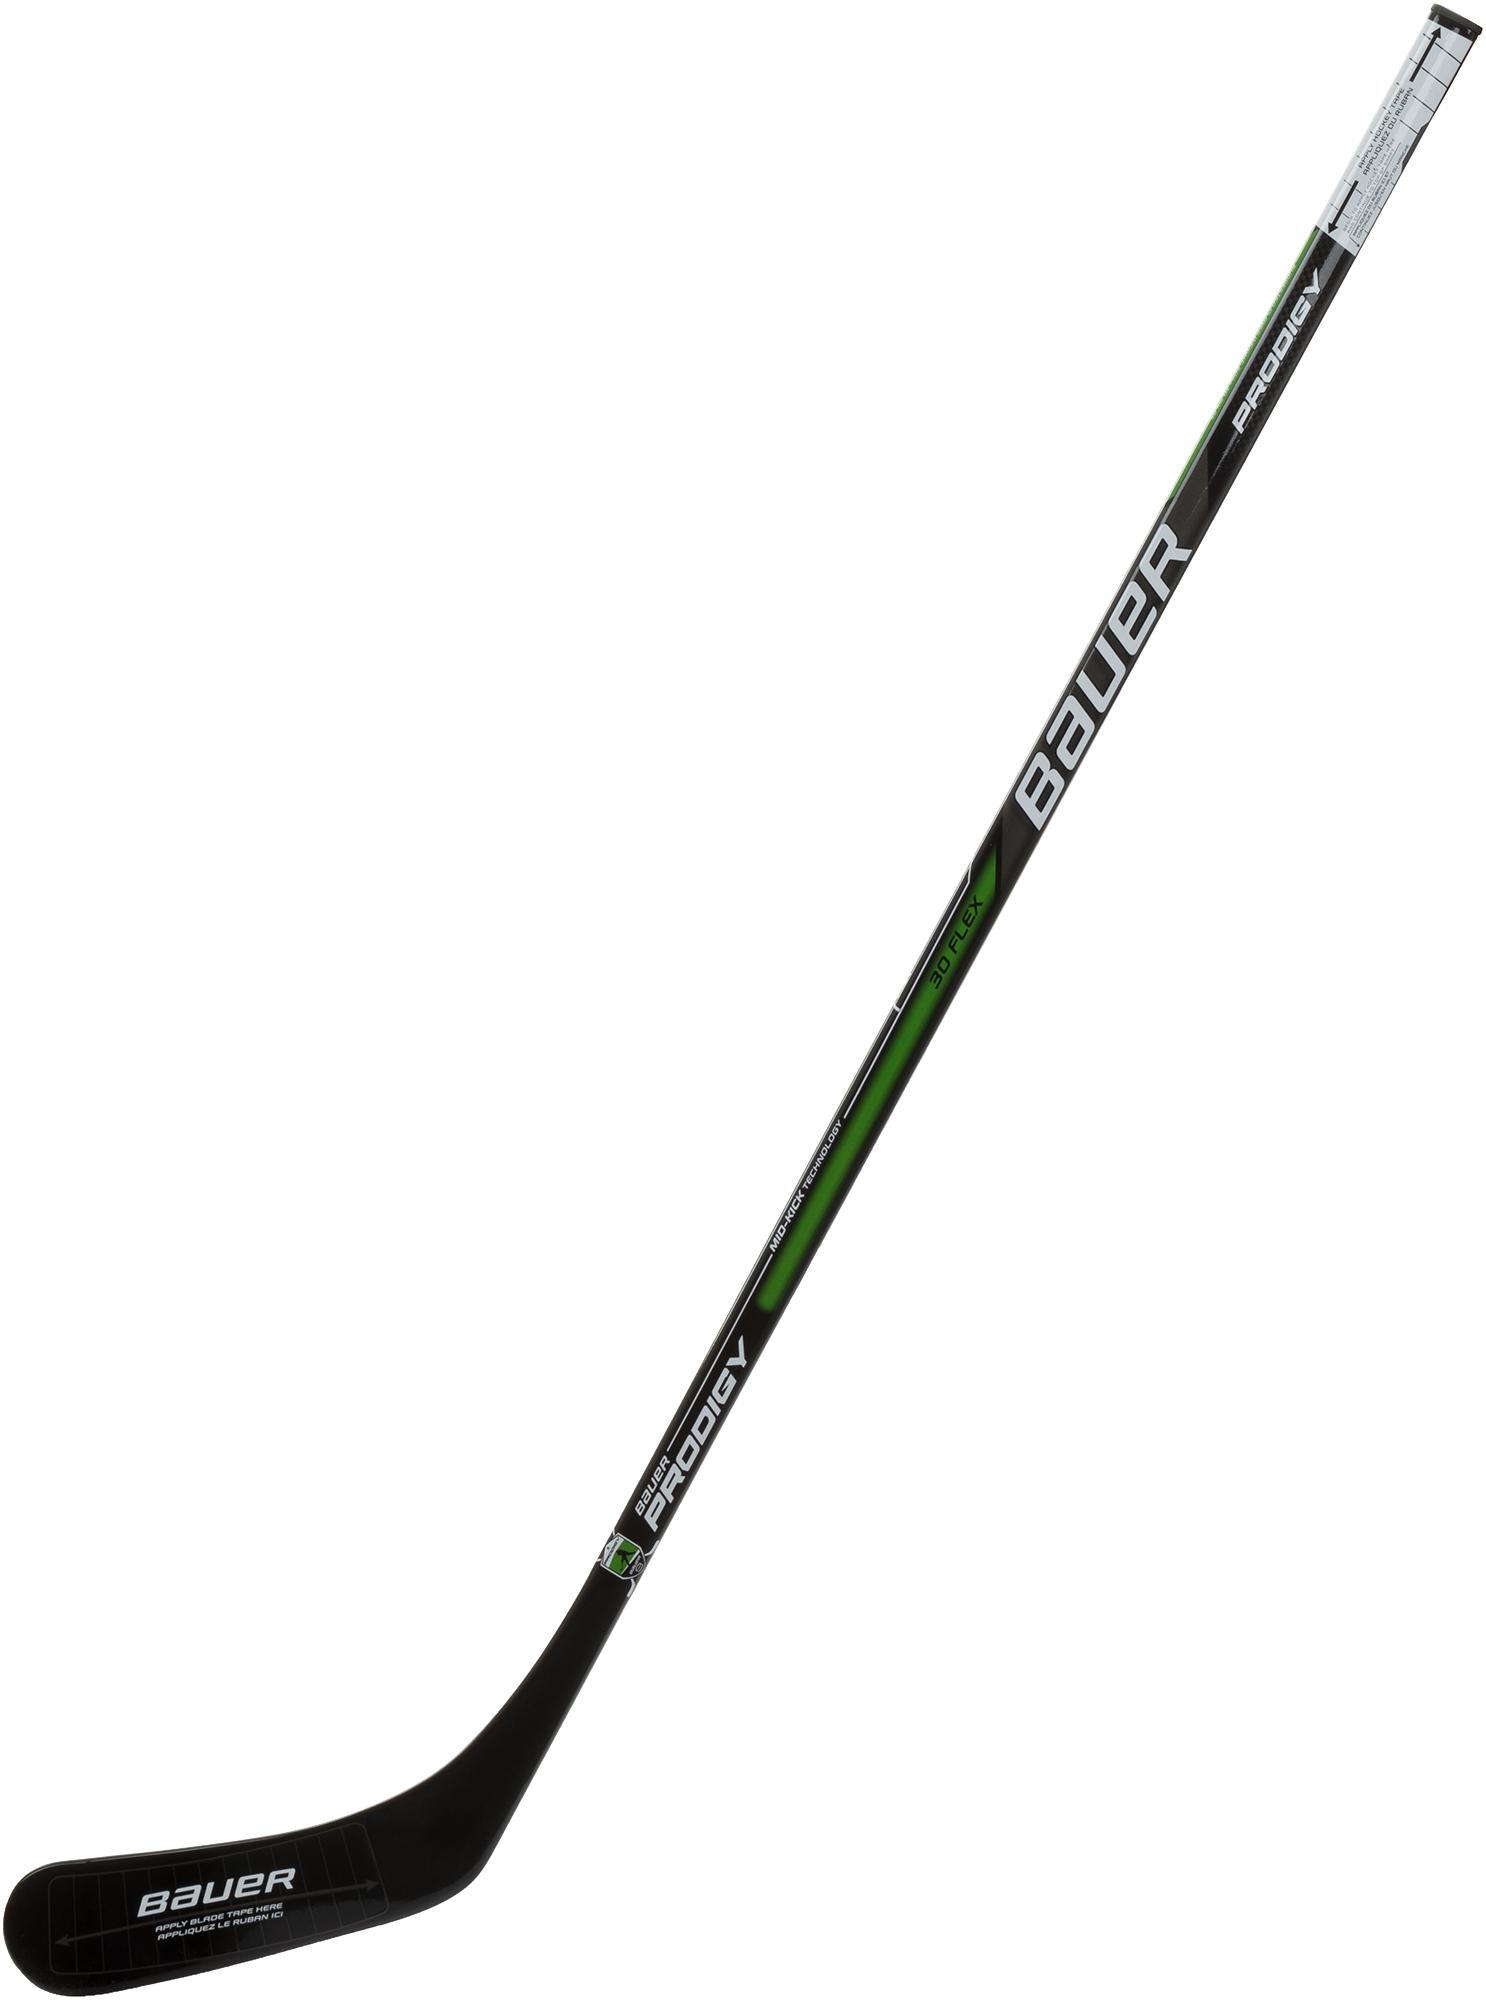 Bauer Клюшка хоккейная детская Bauer Prodigy, размер R все цены